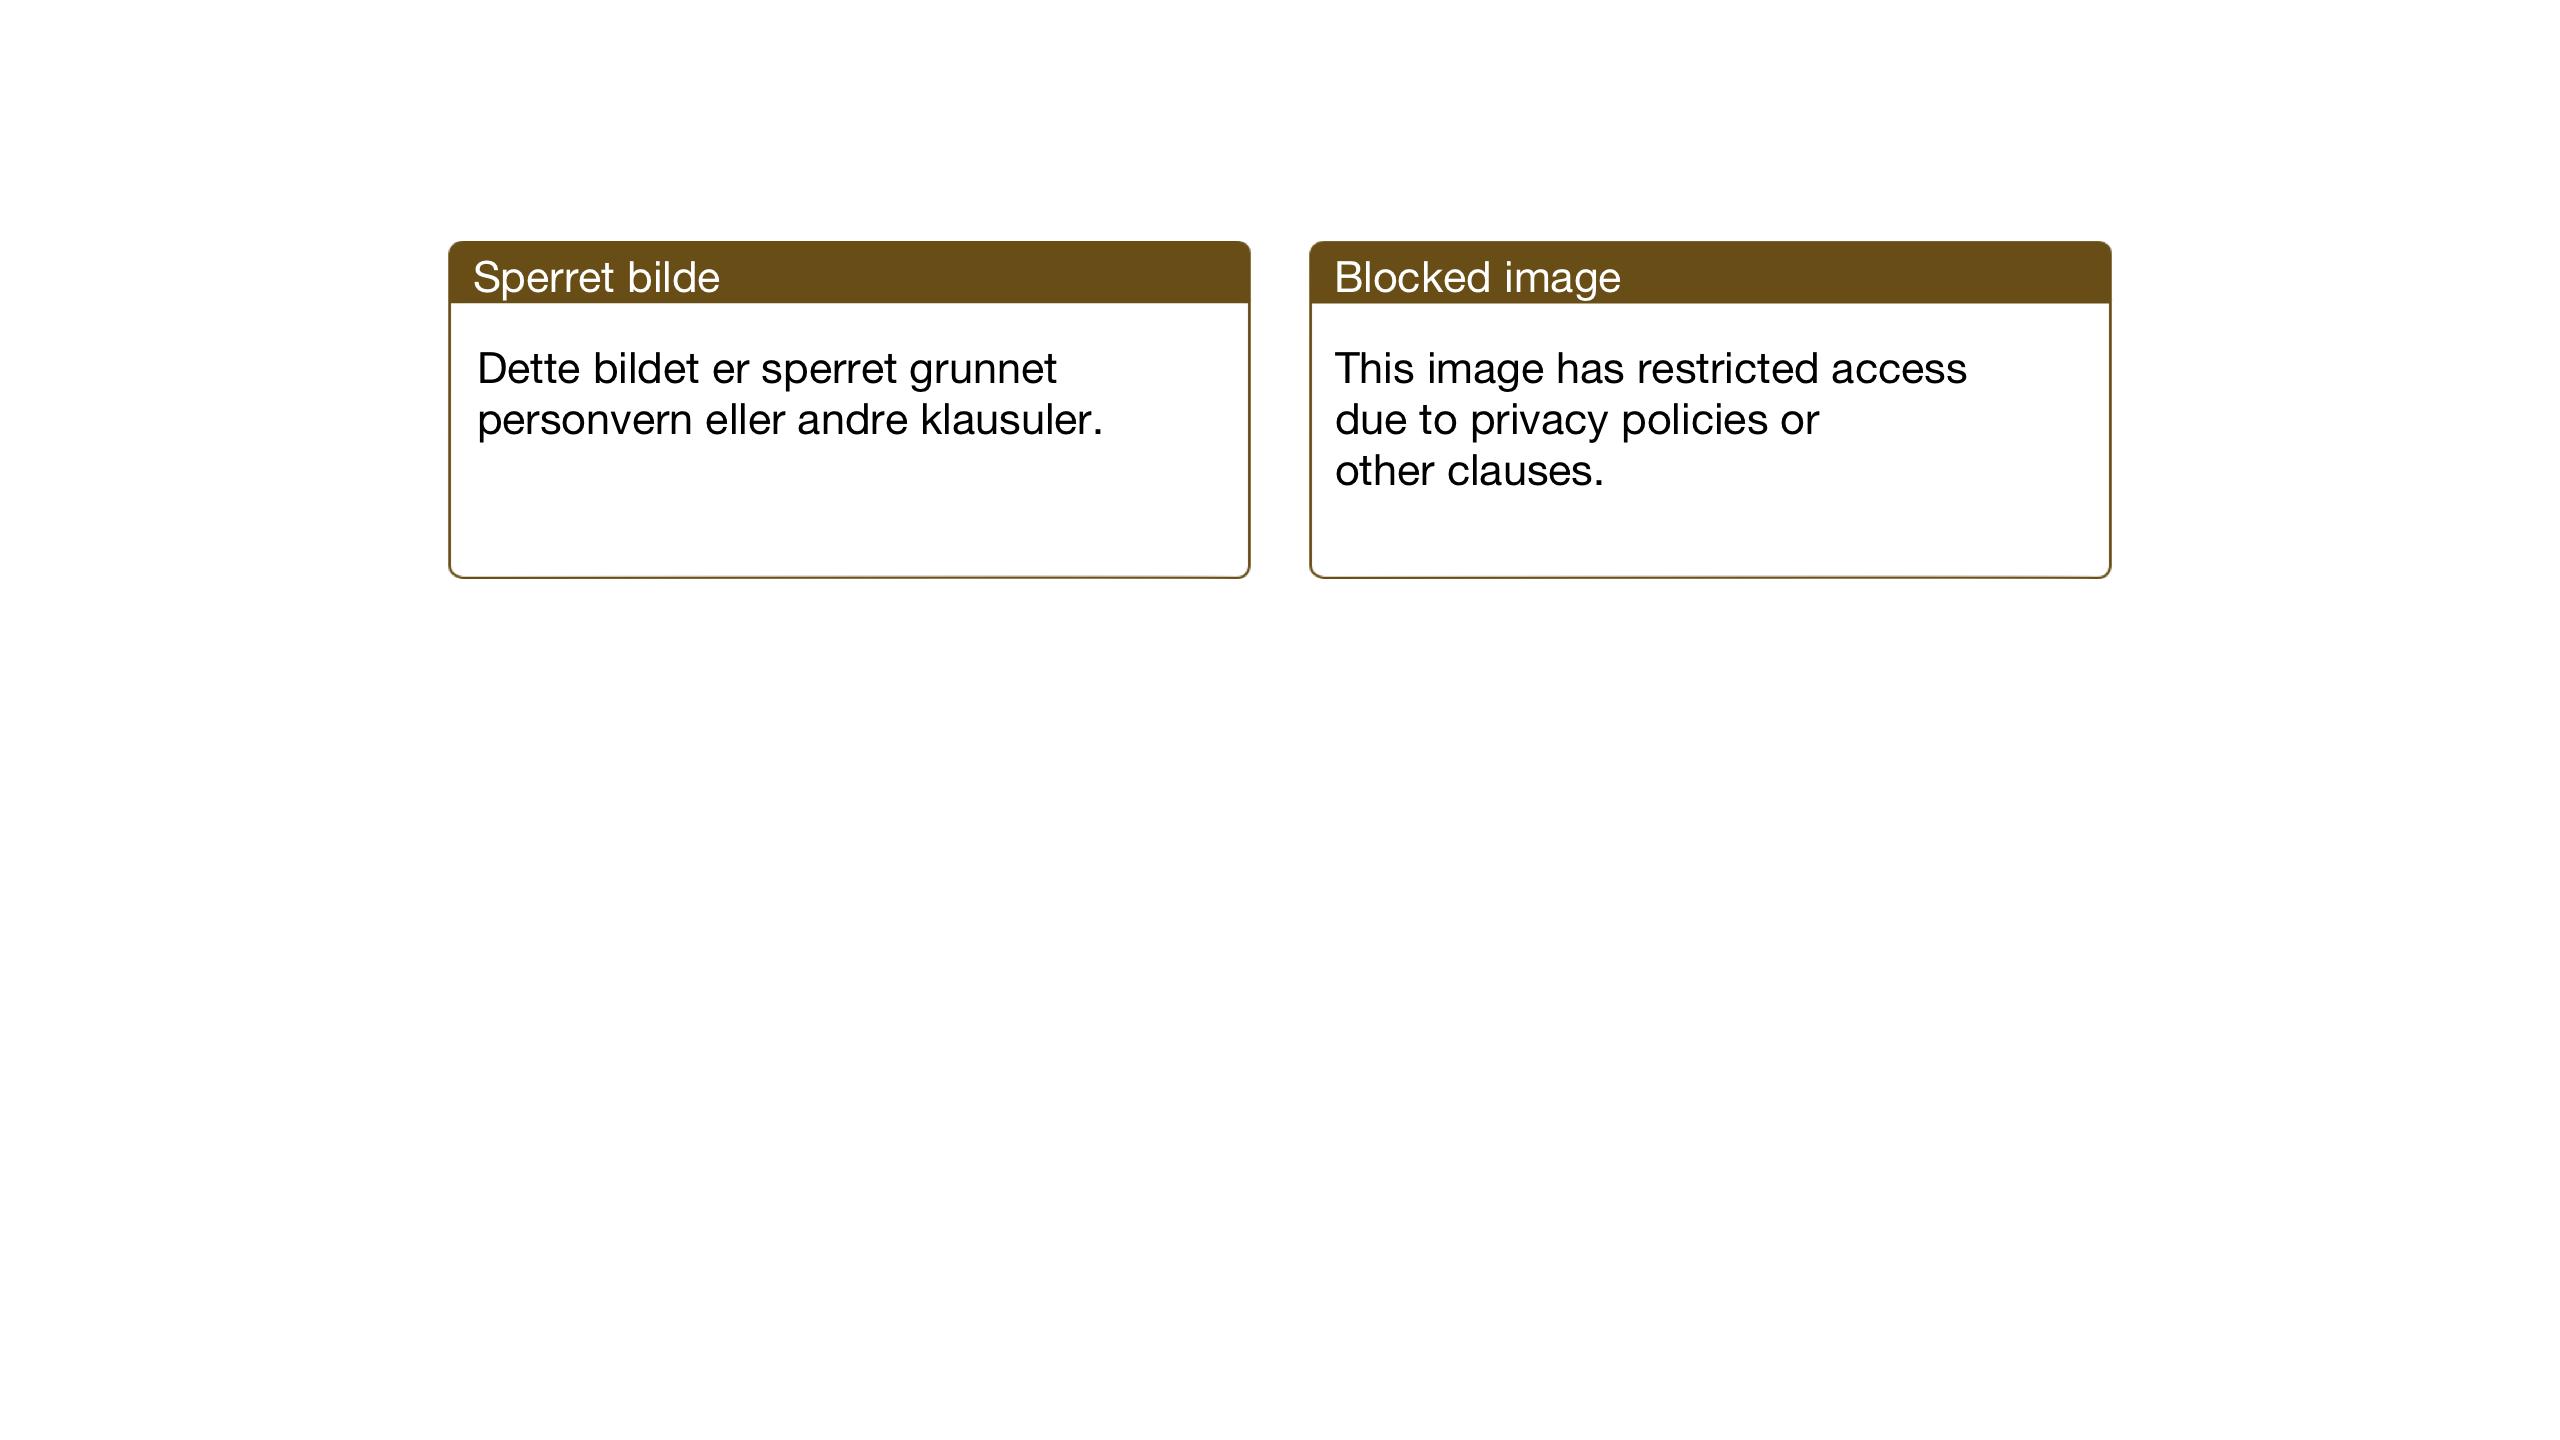 SAT, Ministerialprotokoller, klokkerbøker og fødselsregistre - Sør-Trøndelag, 640/L0590: Klokkerbok nr. 640C07, 1935-1948, s. 146